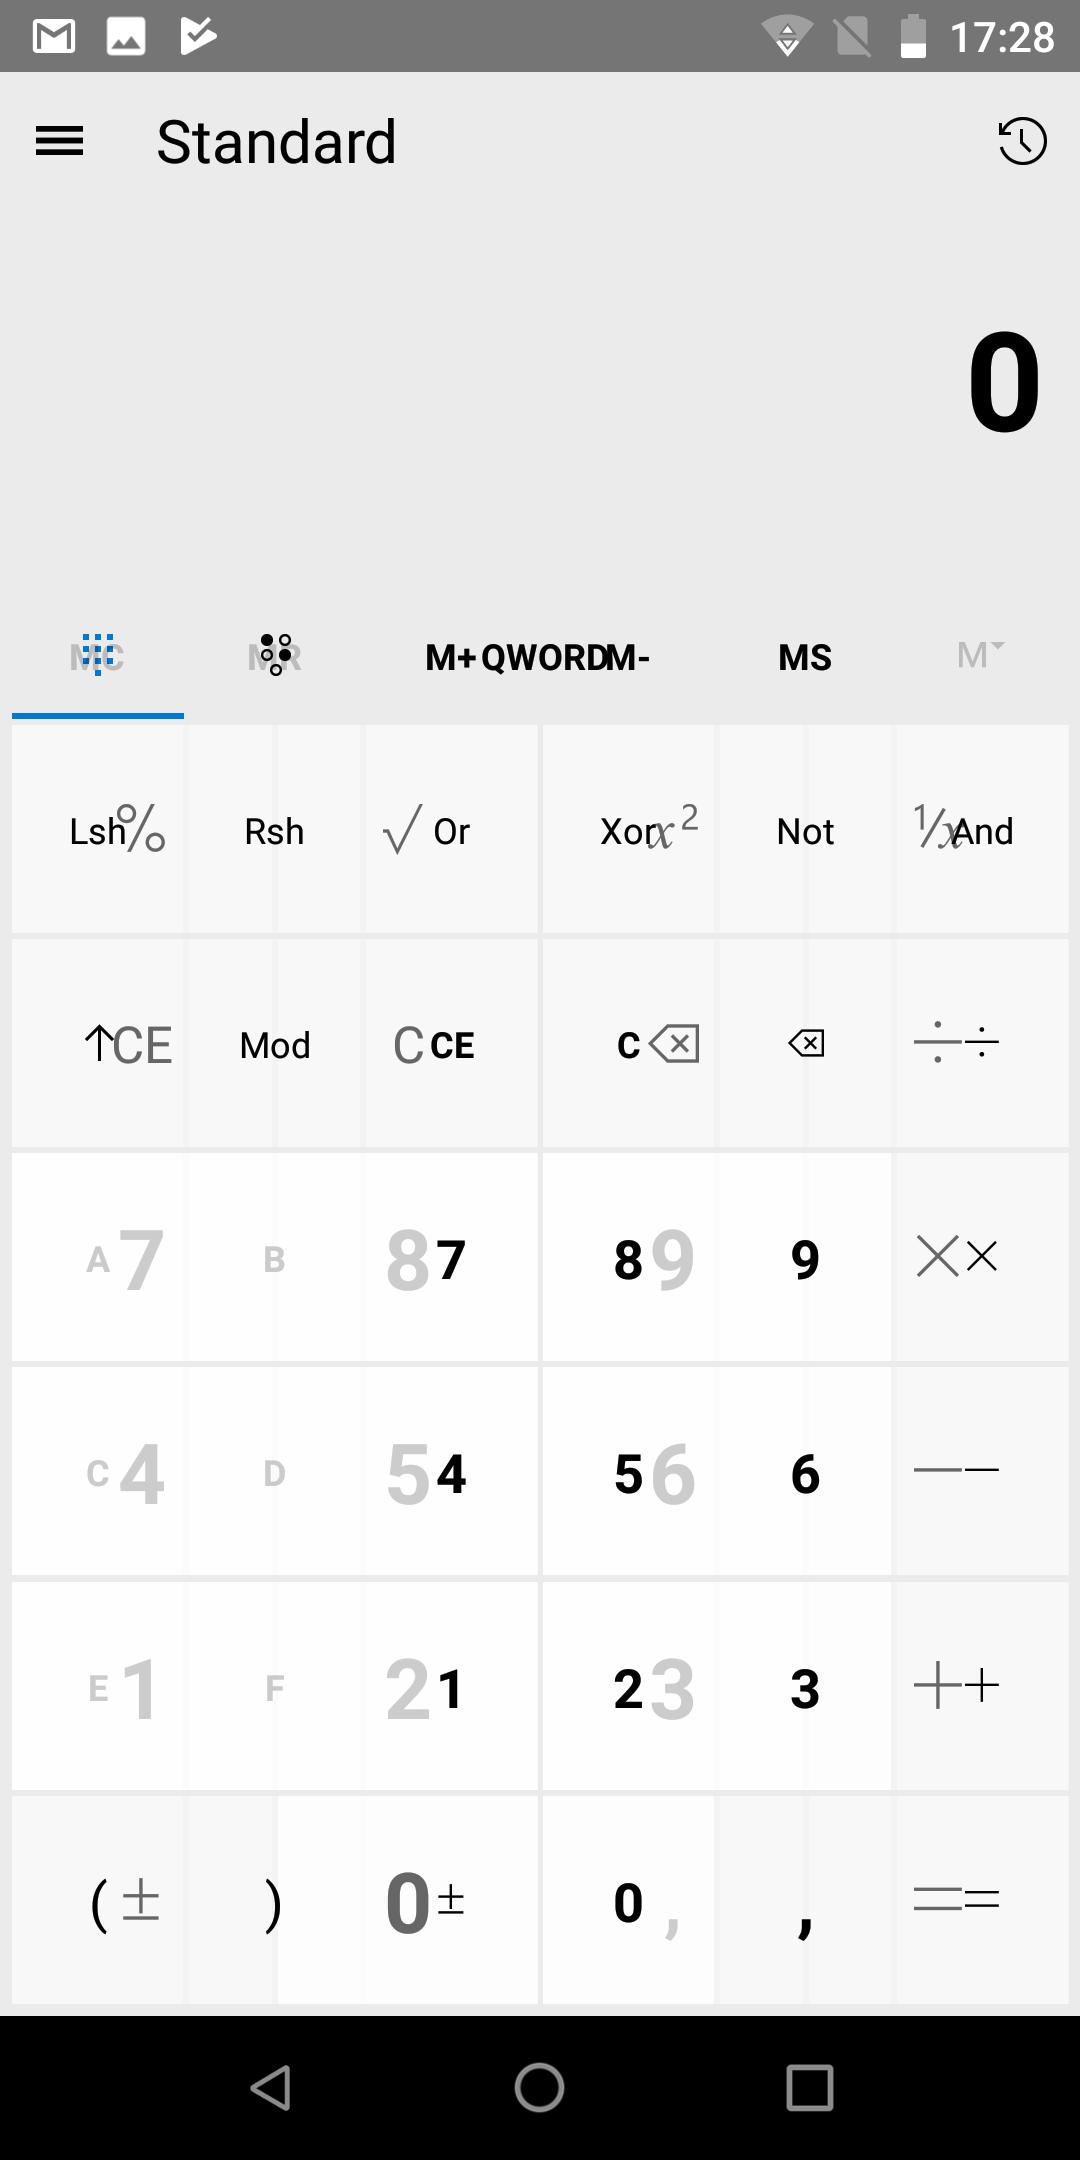 Uno Calculator: تطبيق جديد يقوم بإحضار آلة حاسبة ويندوز 10 إلى جهاز أندرويد